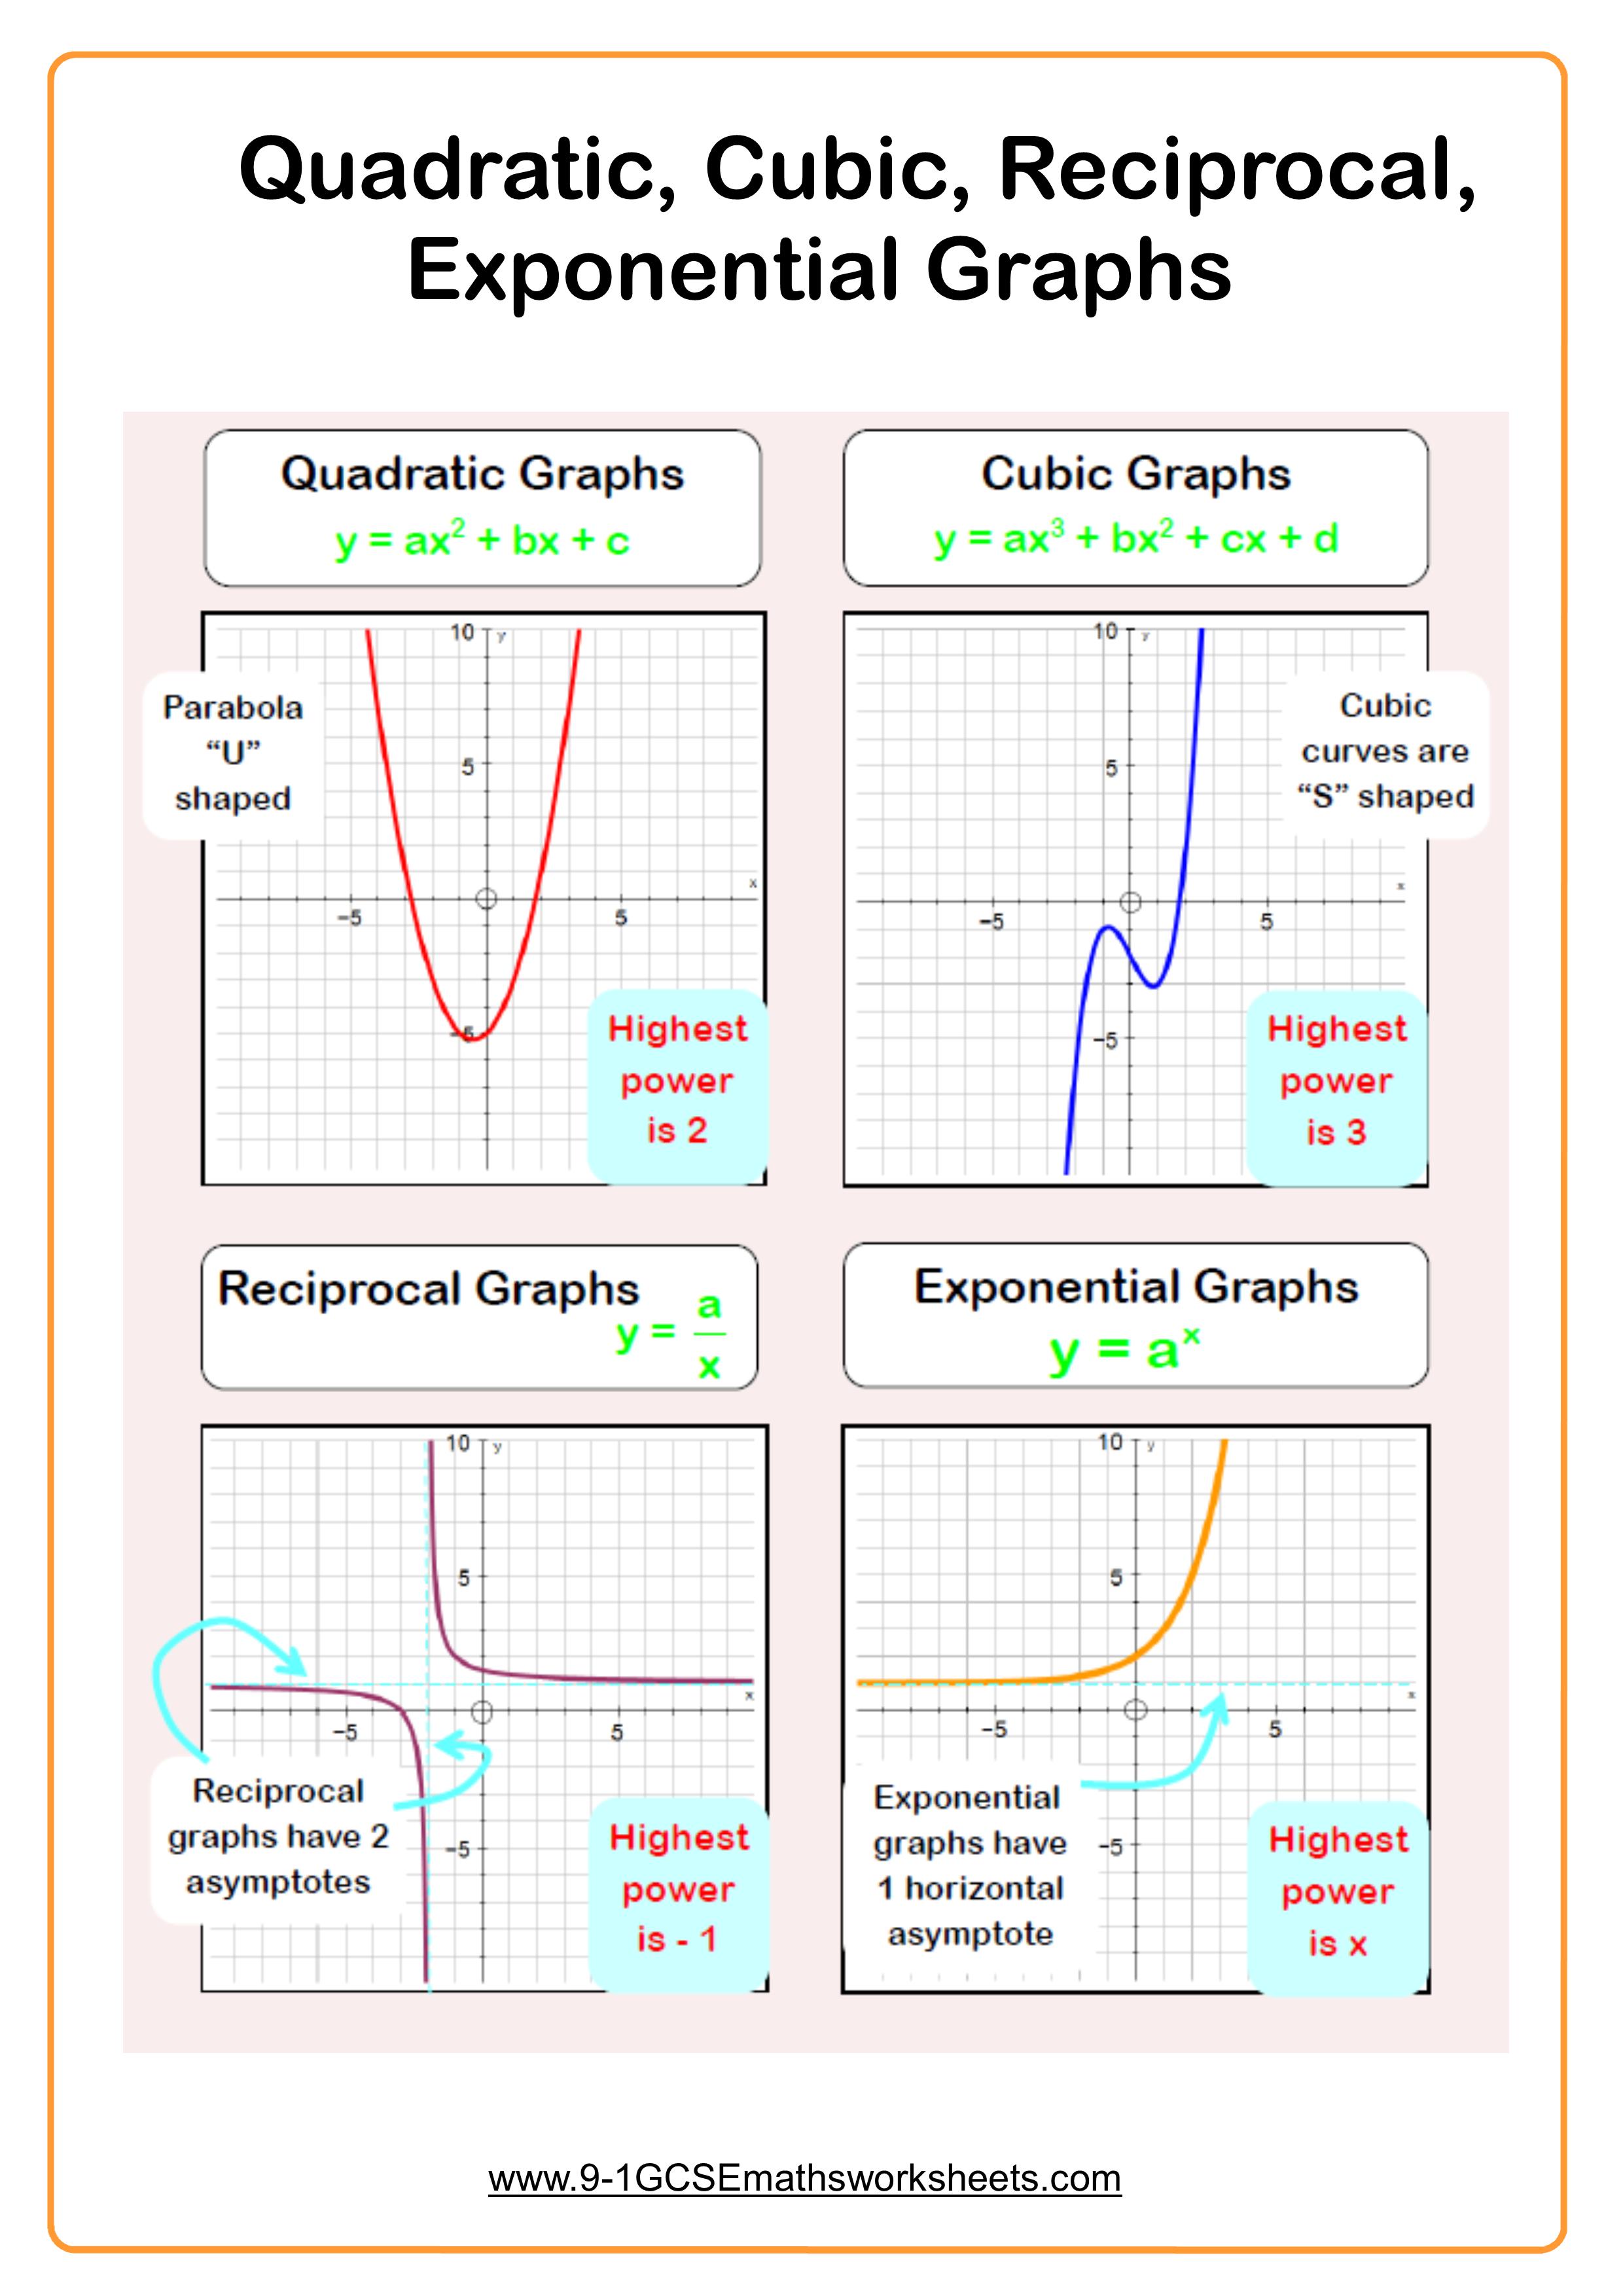 Quadratic Graphs example